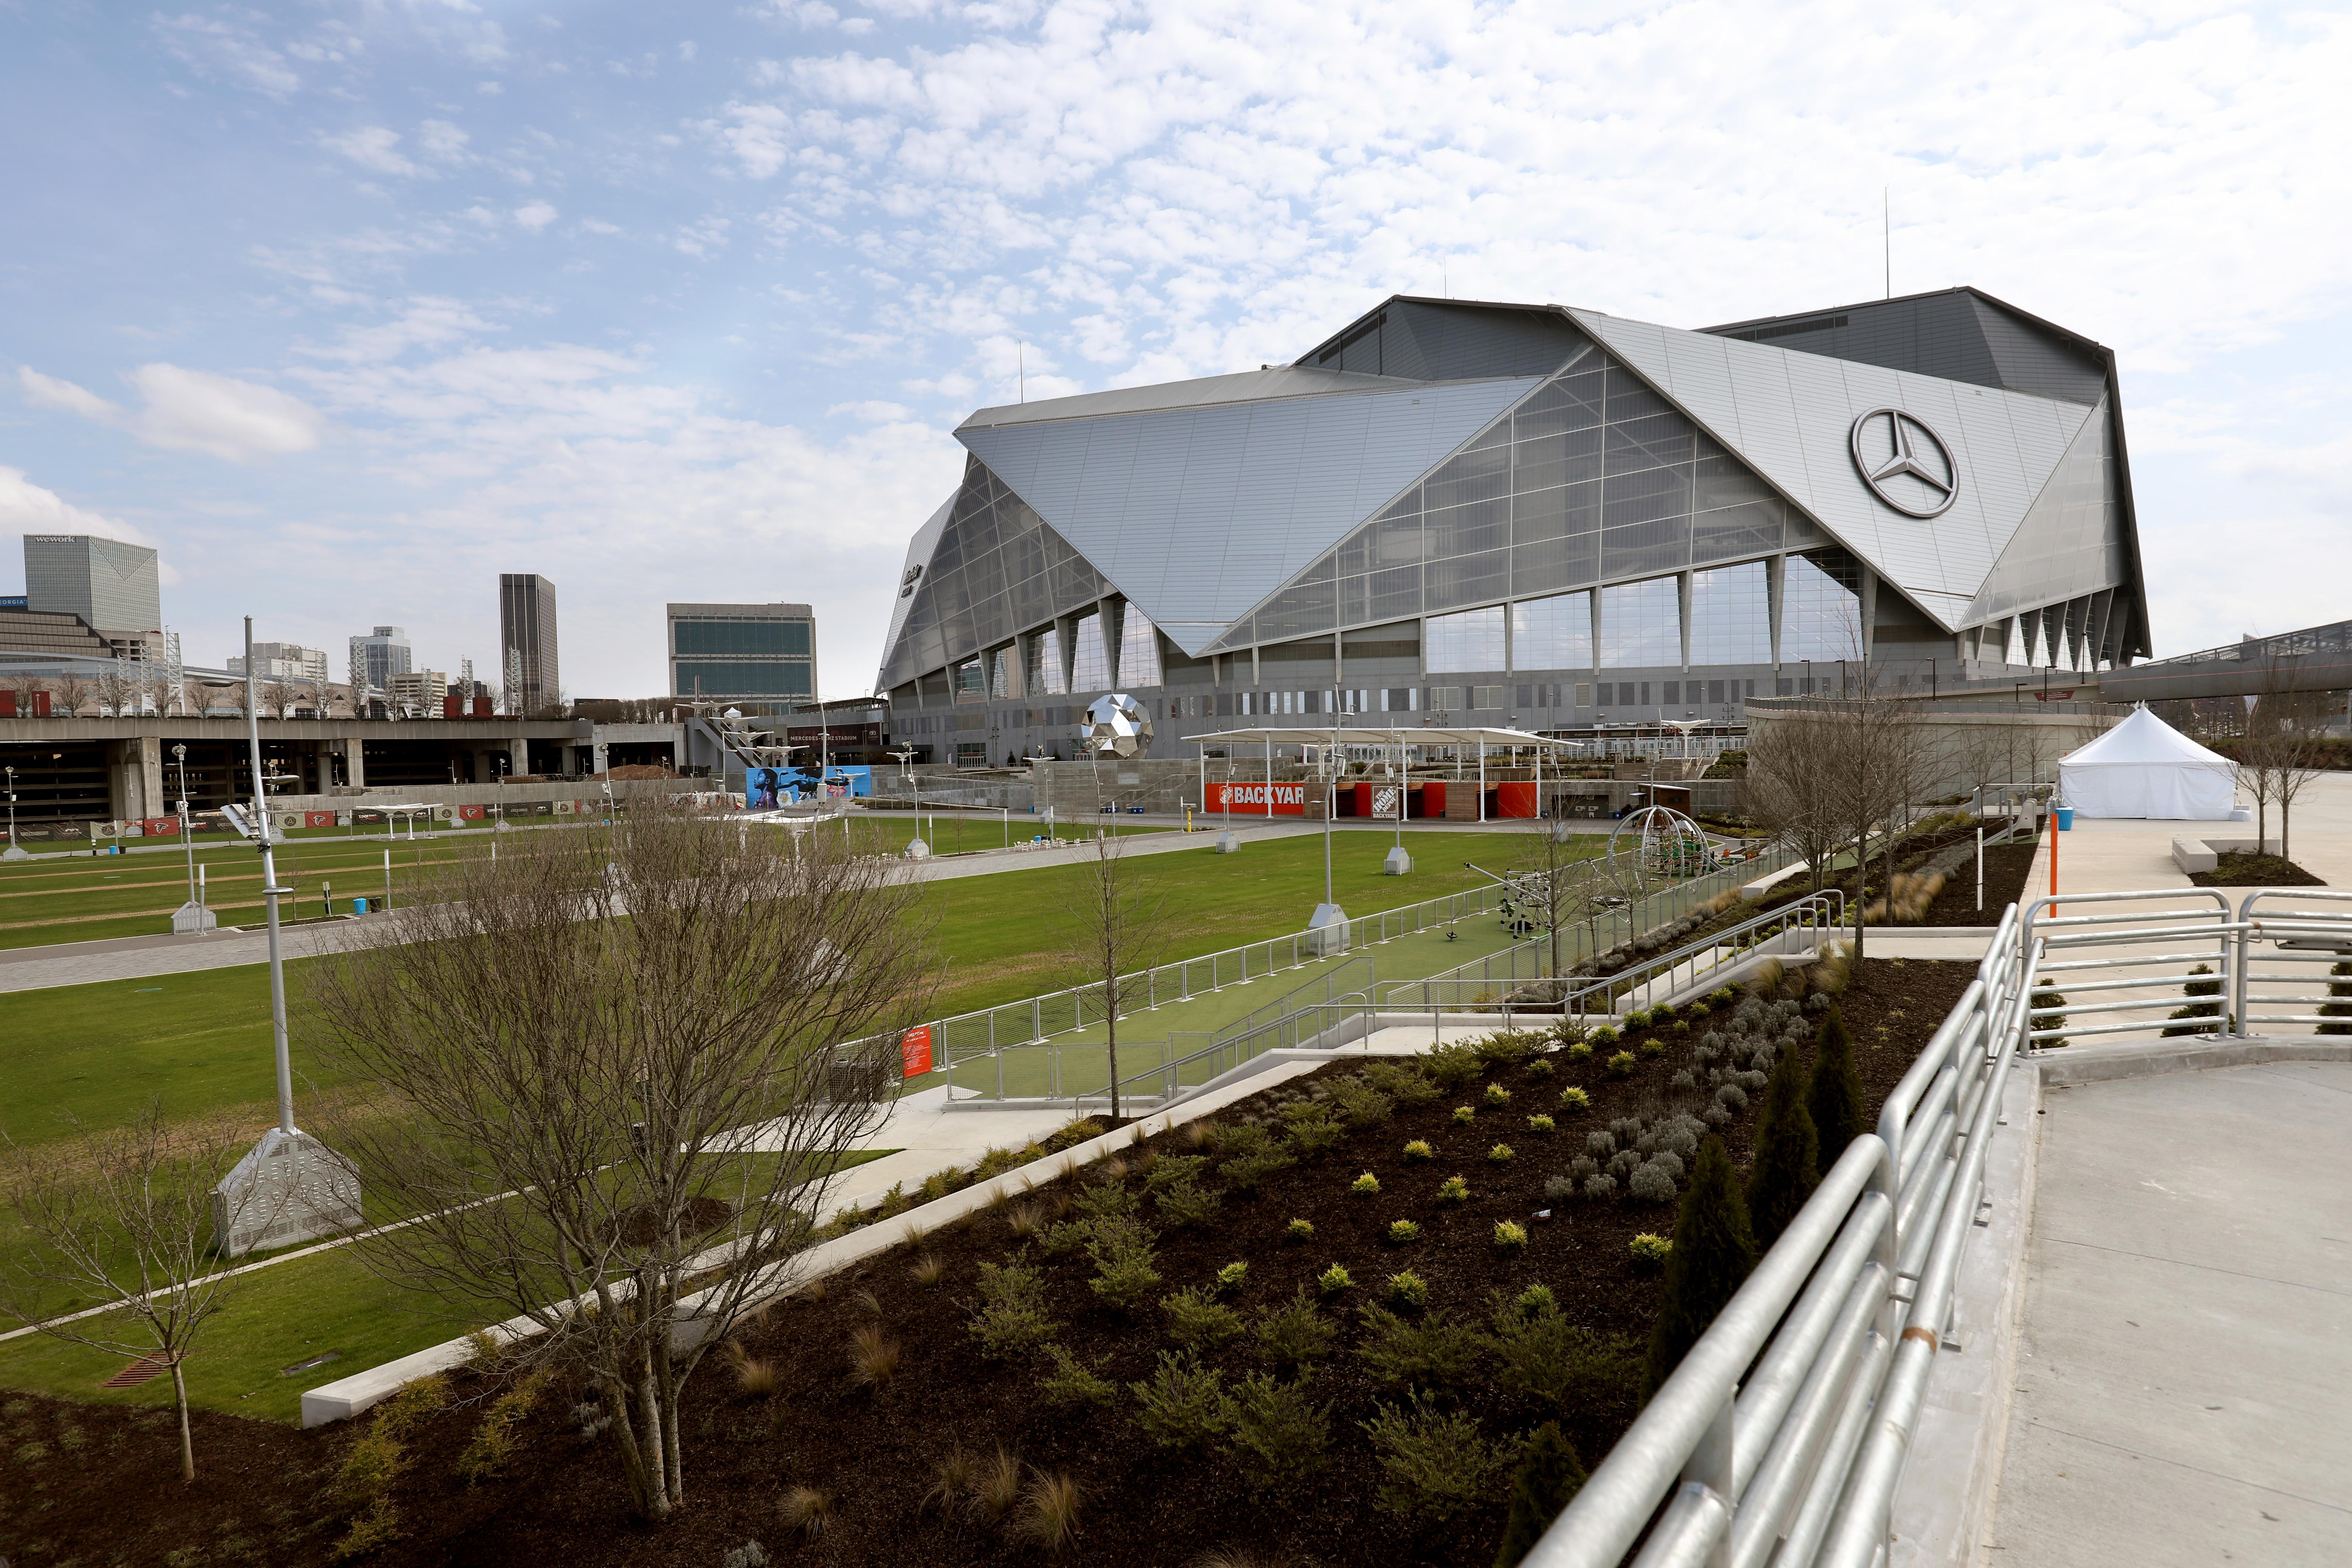 MLS: Sporting Kansas City at Atlanta United FC